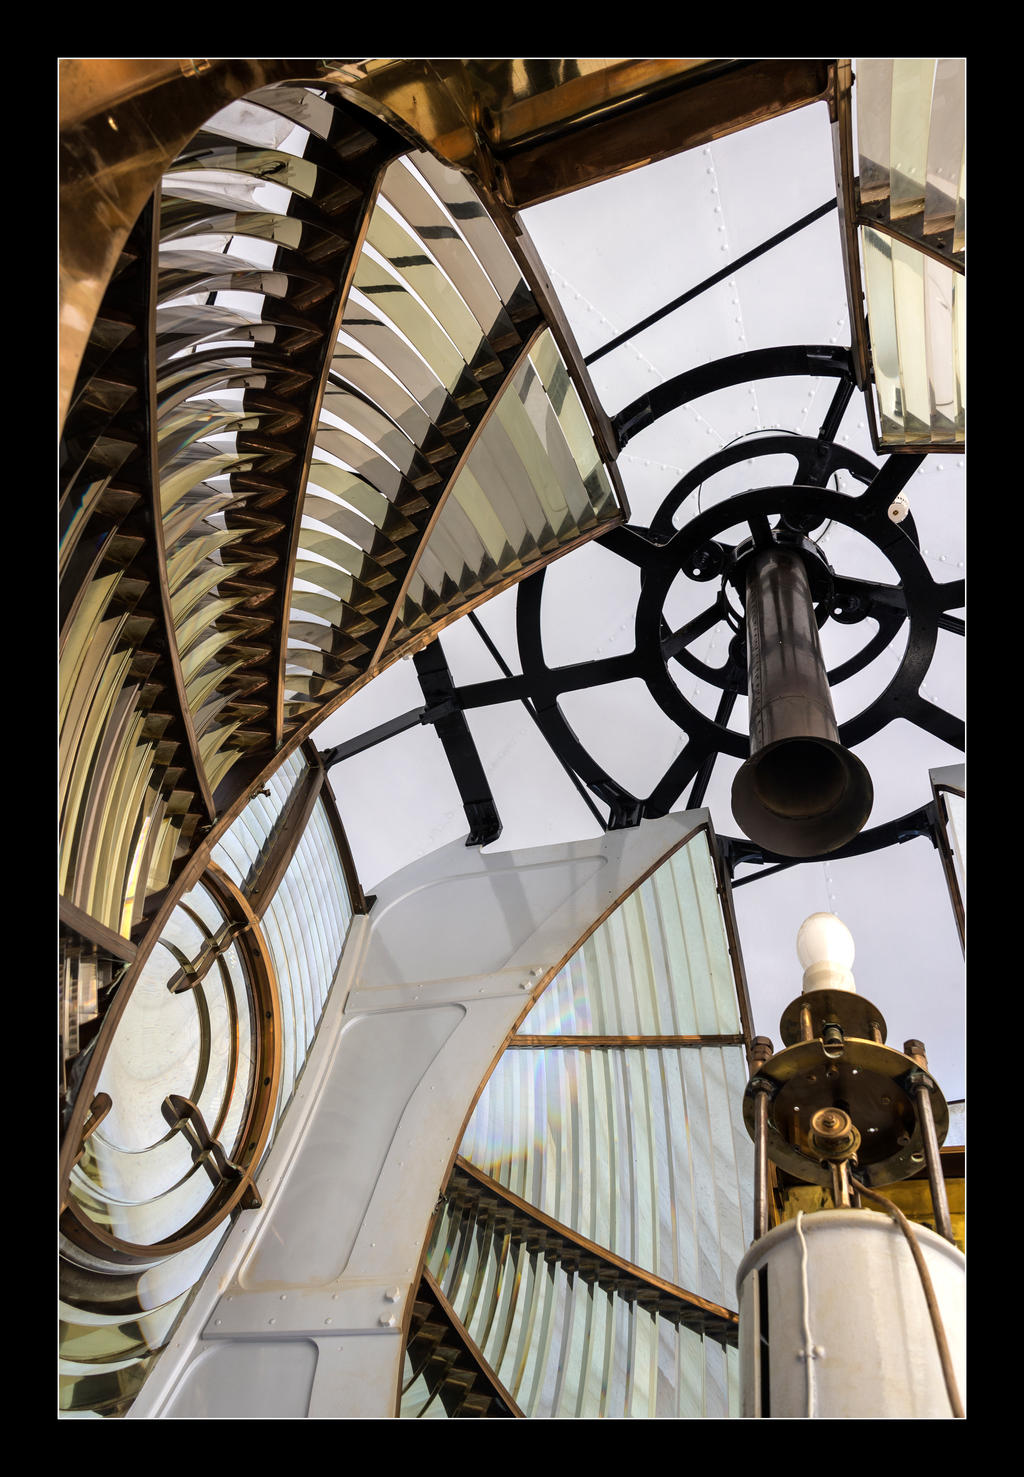 Steampunk lantern by LordLJCornellPhotos